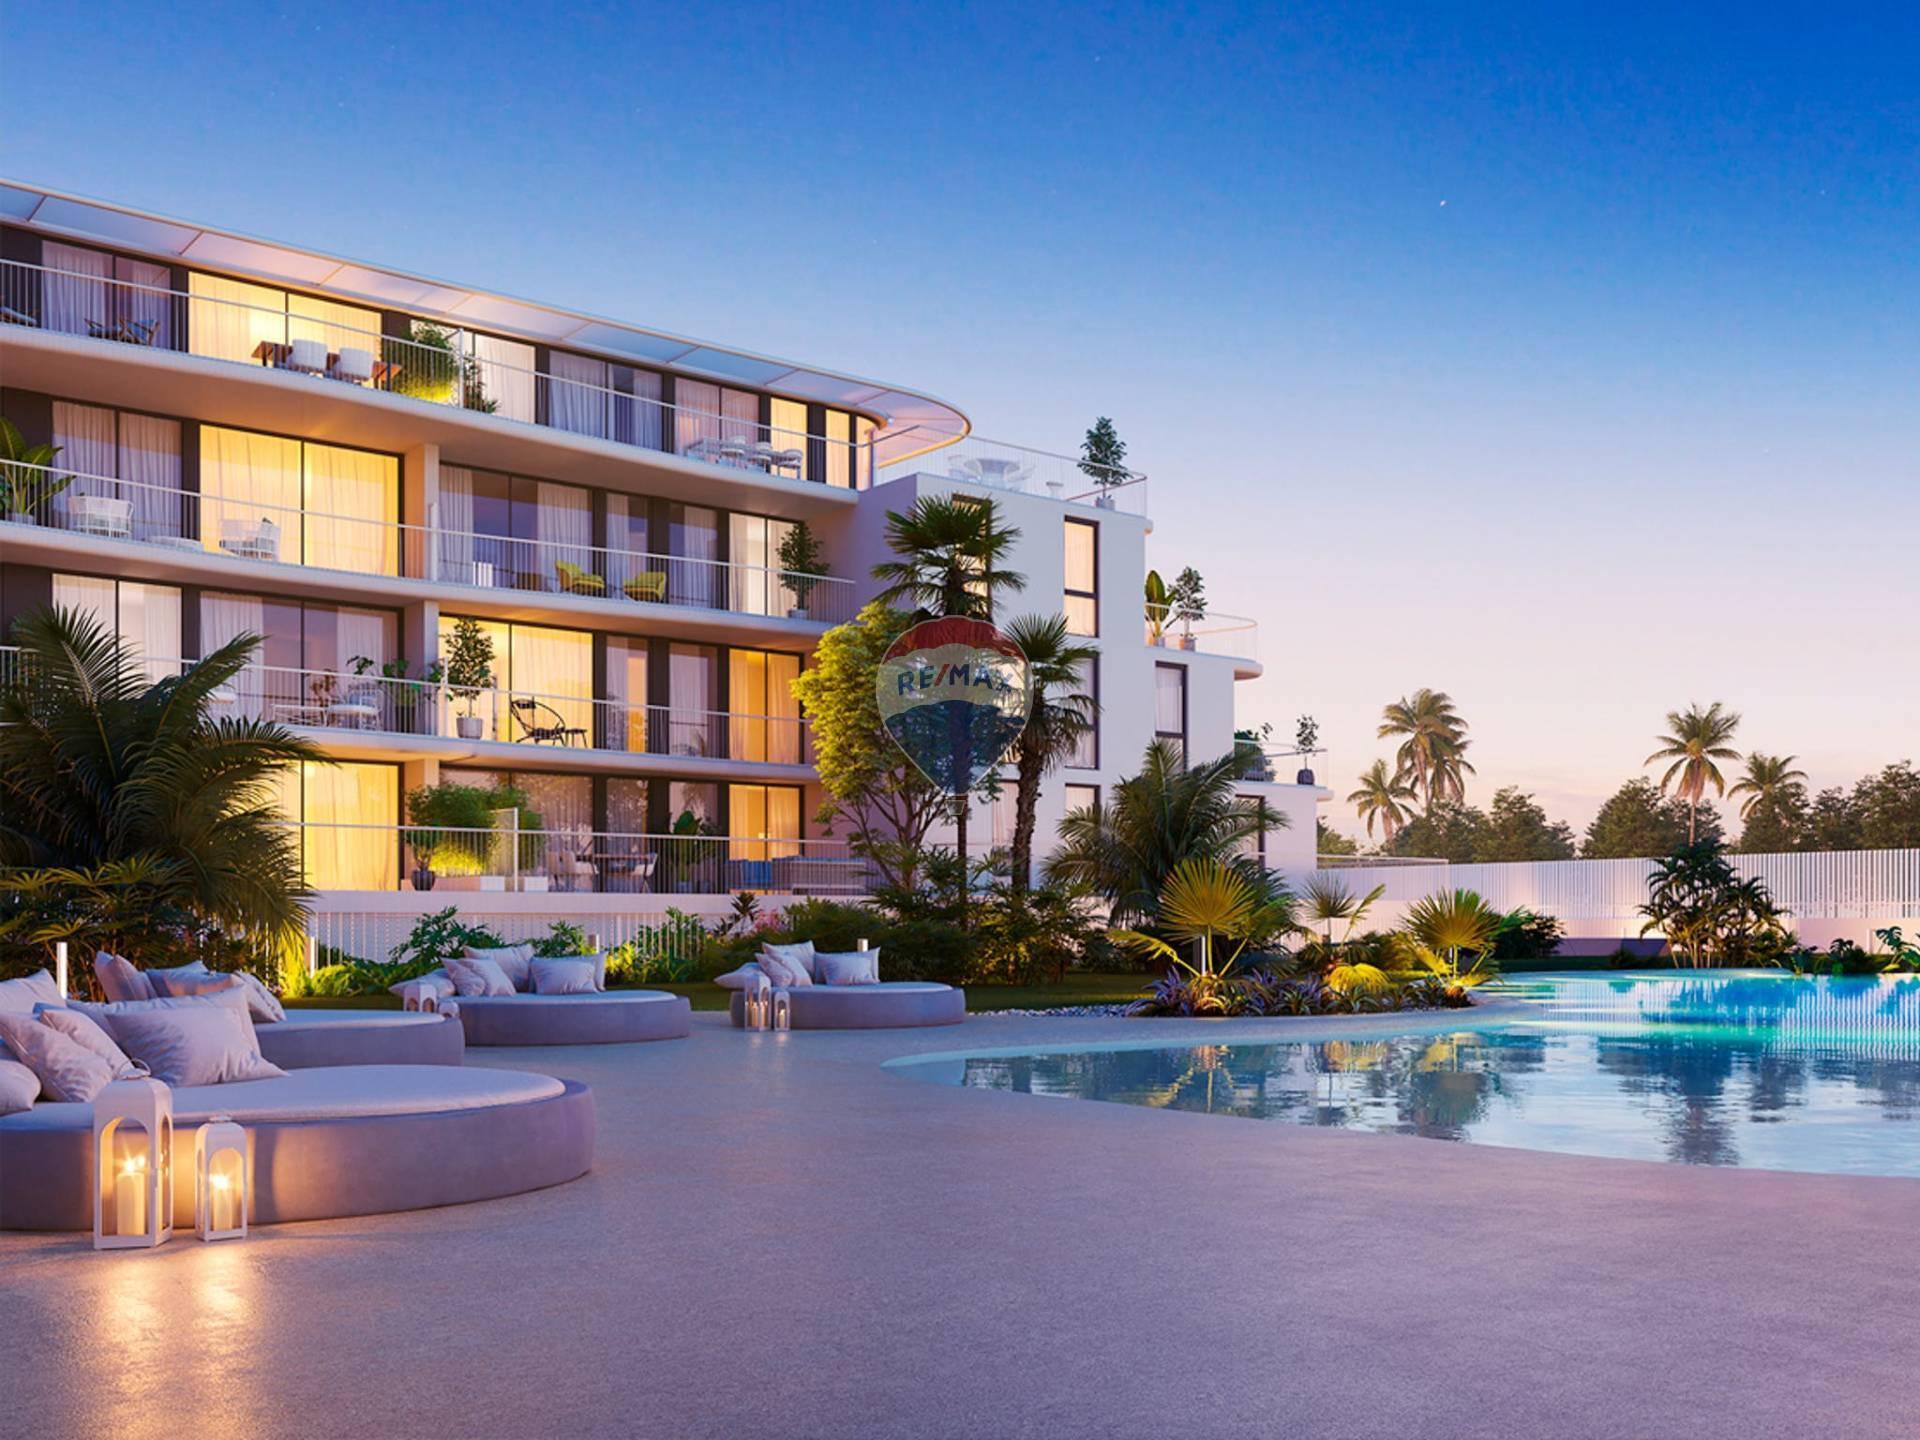 Moderné apartmány snov na pobreží Costa Blanca